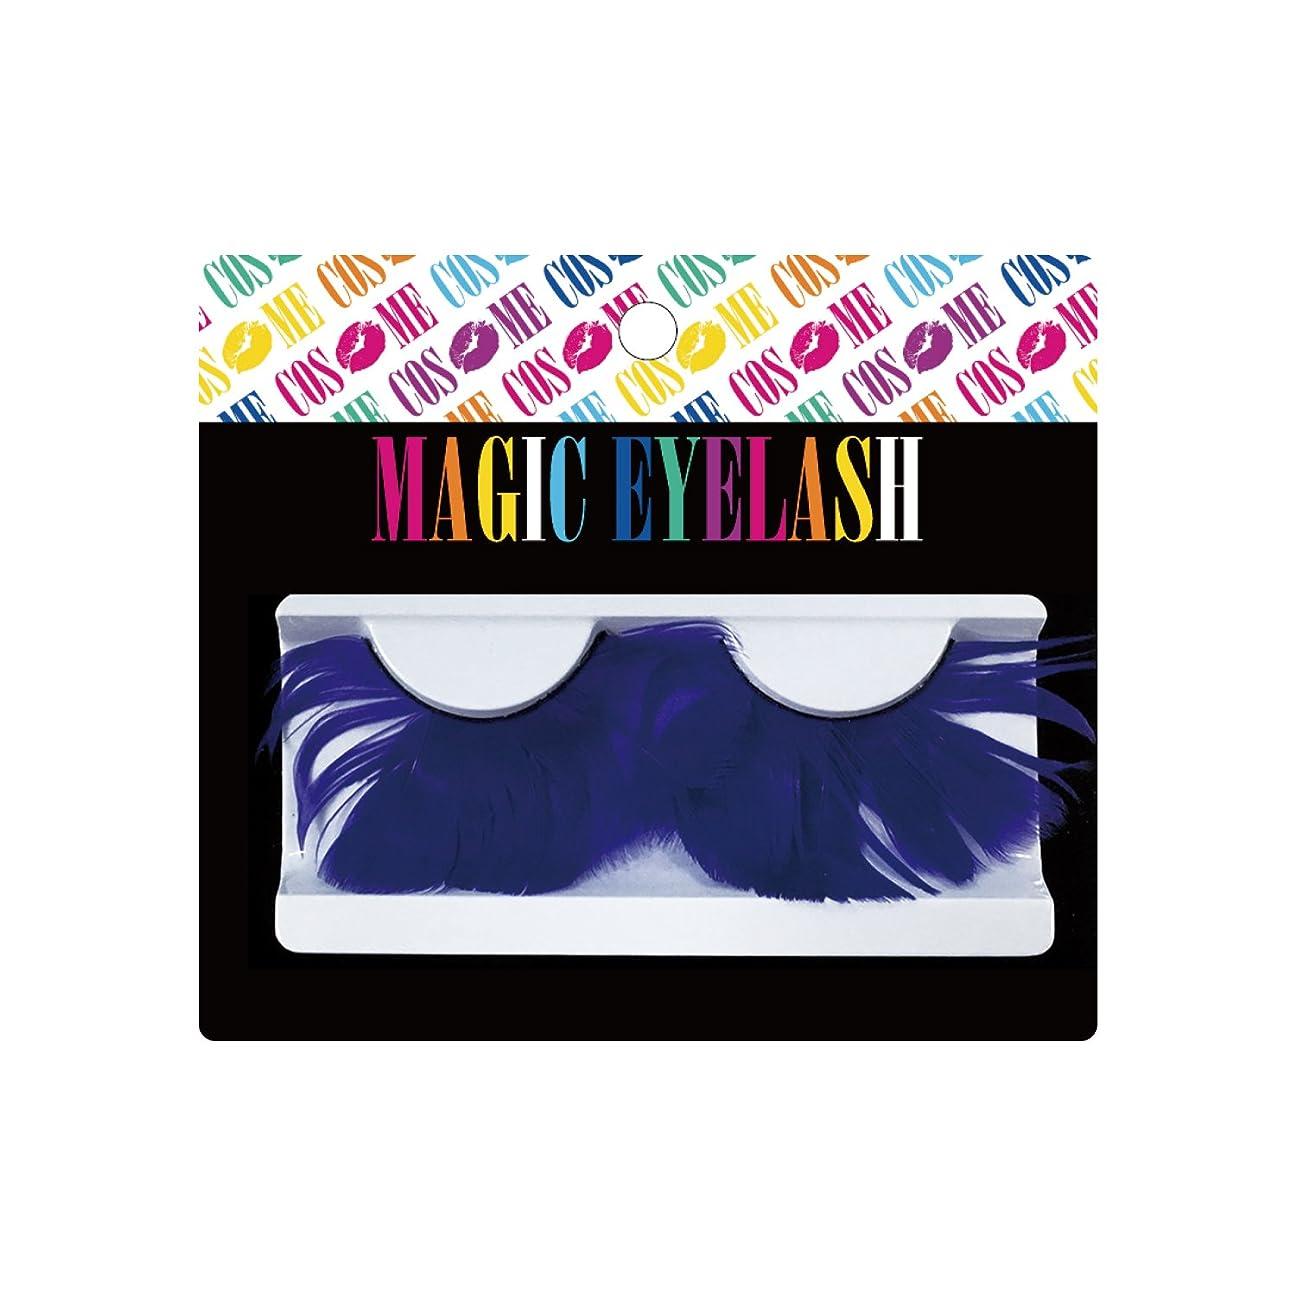 ハント美しい静けさピュア つけまつげ MAGIC EYELASH マジック アイラッシュ #15